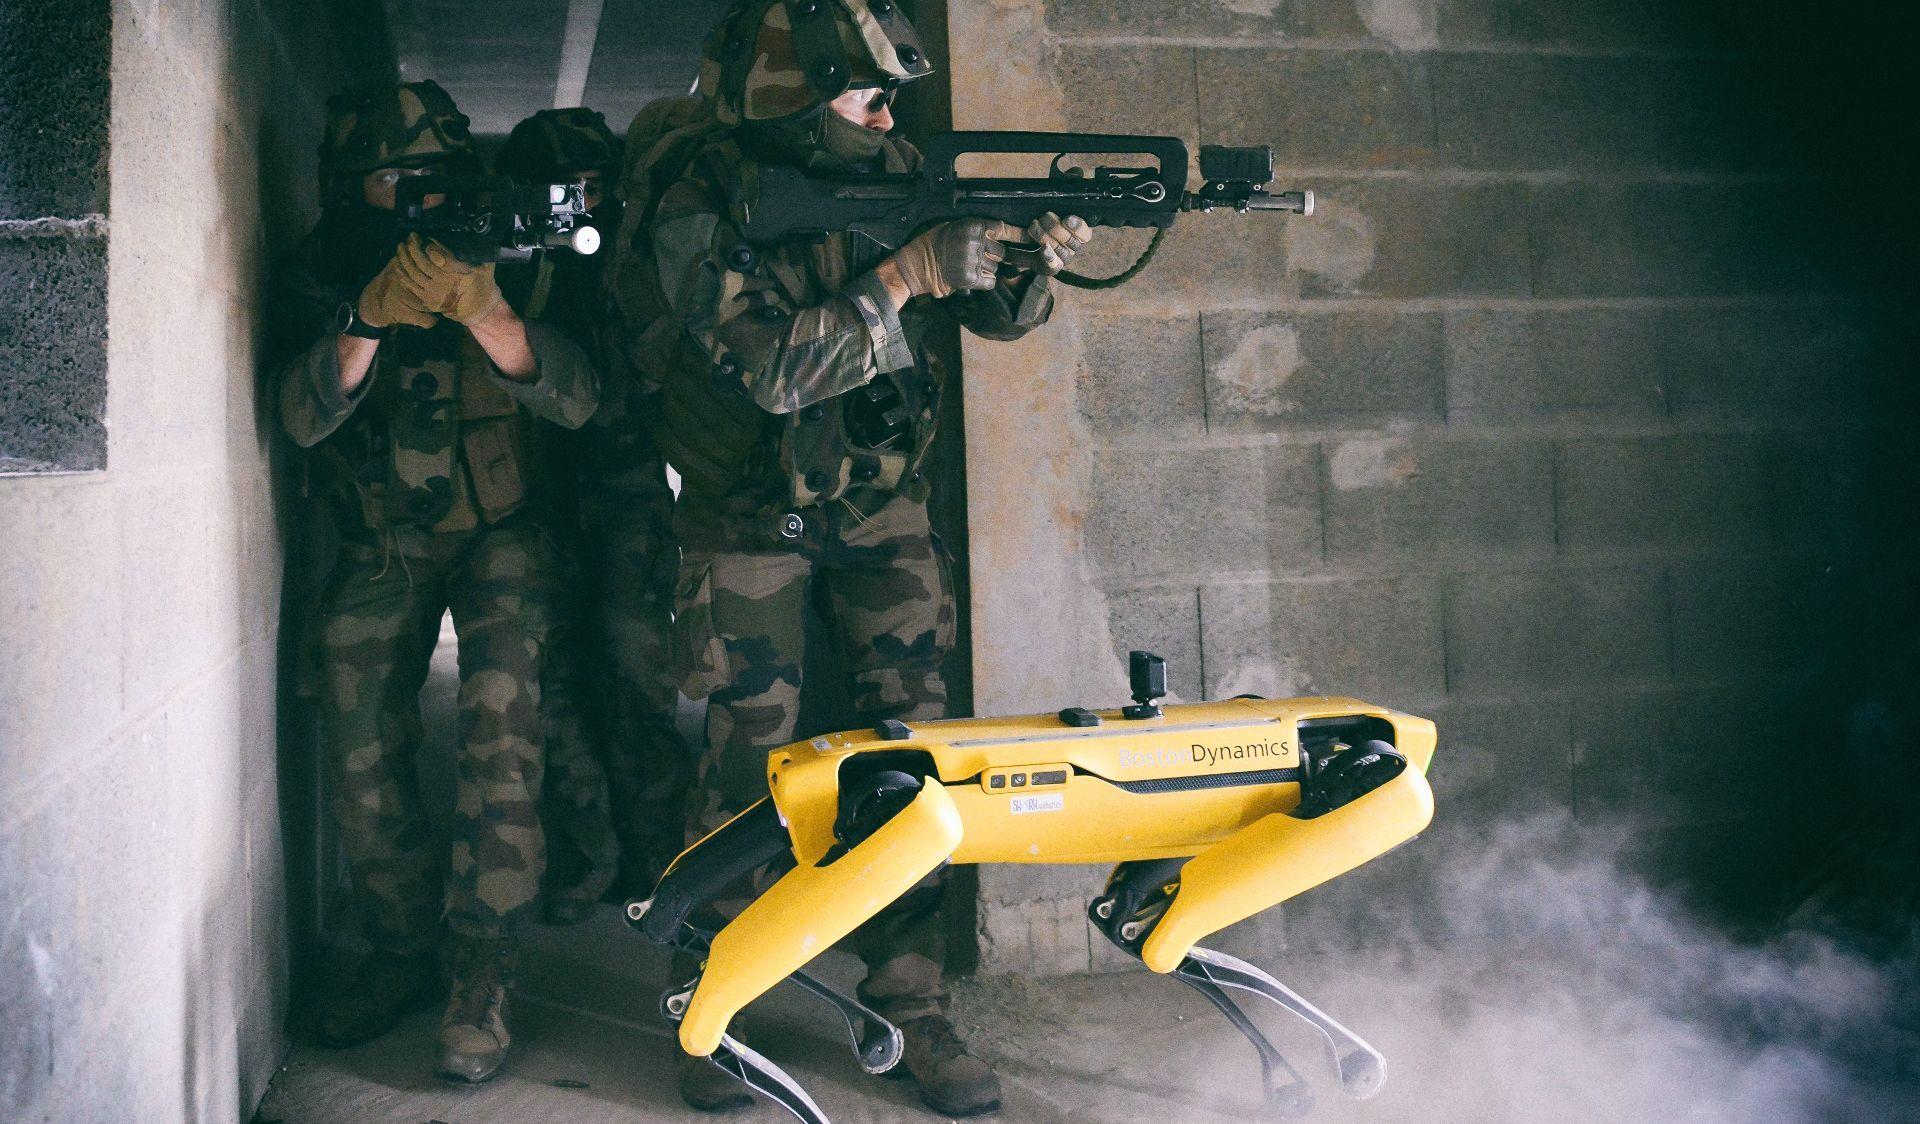 Французская армия испытала робота-пса Spot в боевой обстановке